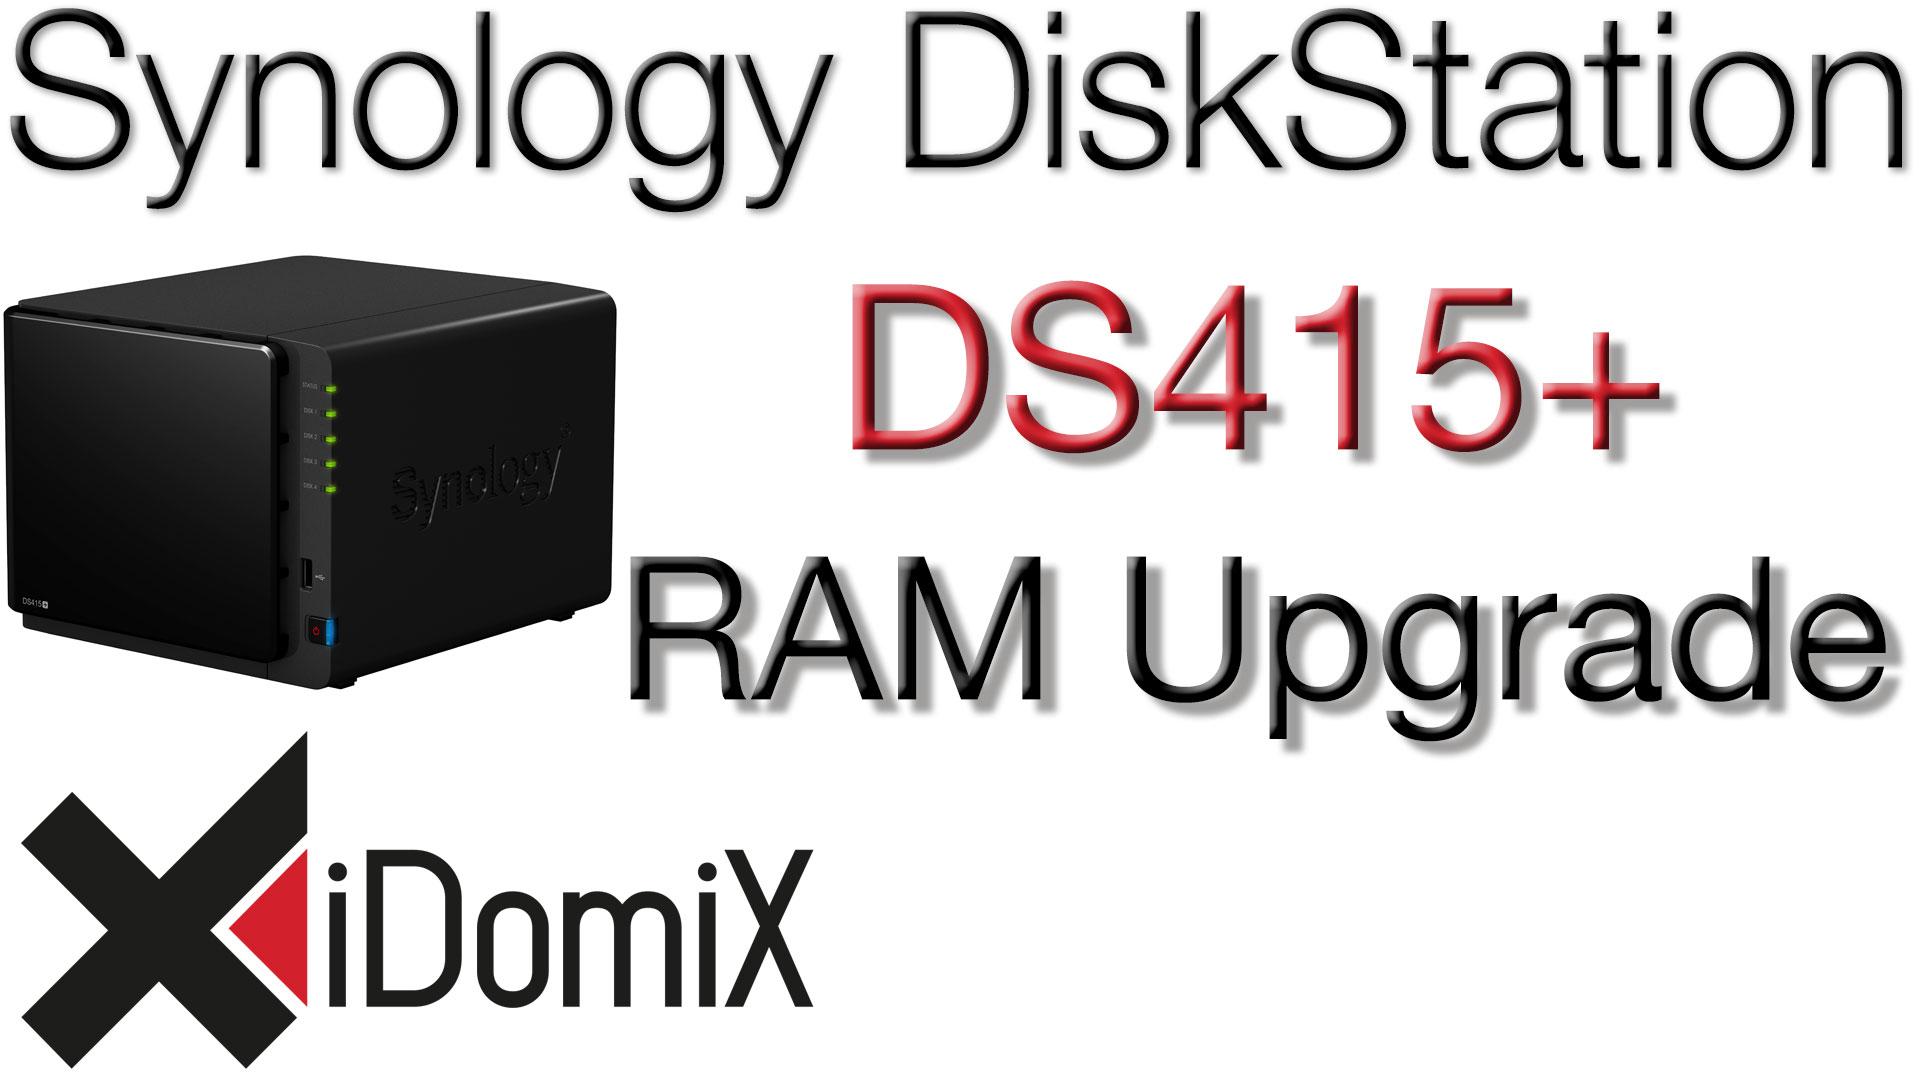 Synology DiskStation DS415+ RAM Upgrade